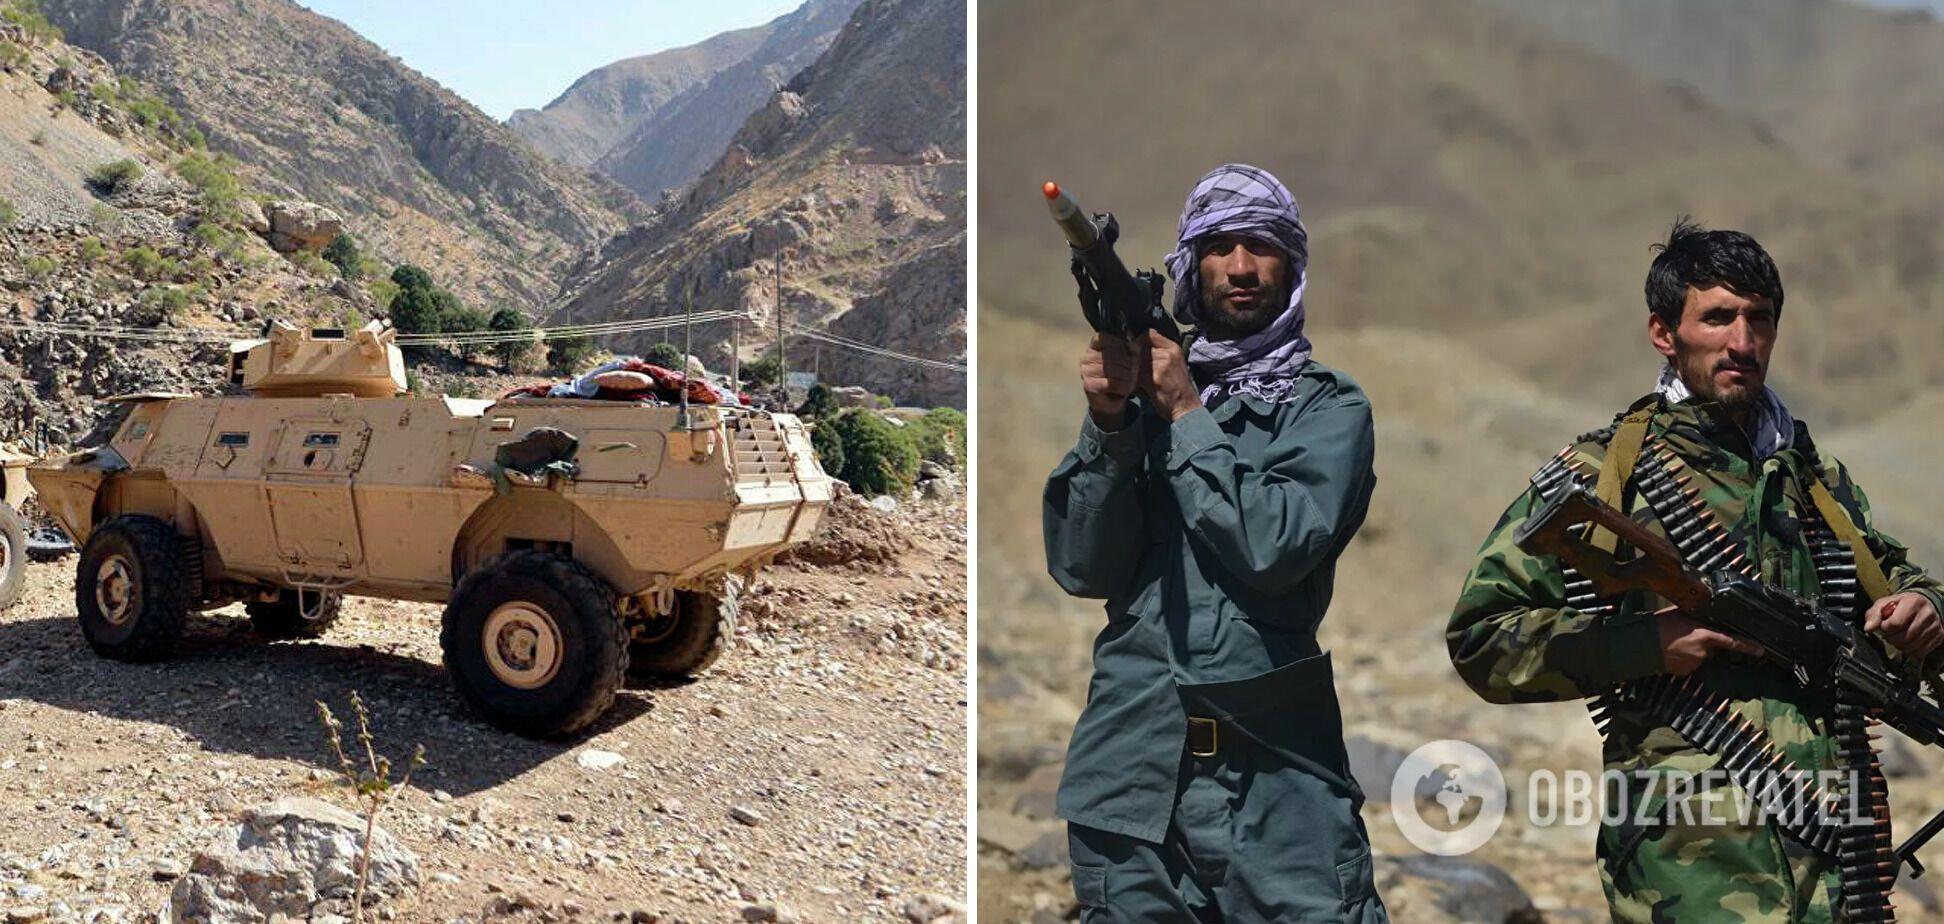 Пока что силы сопротивления успешно отражают нападения талибов